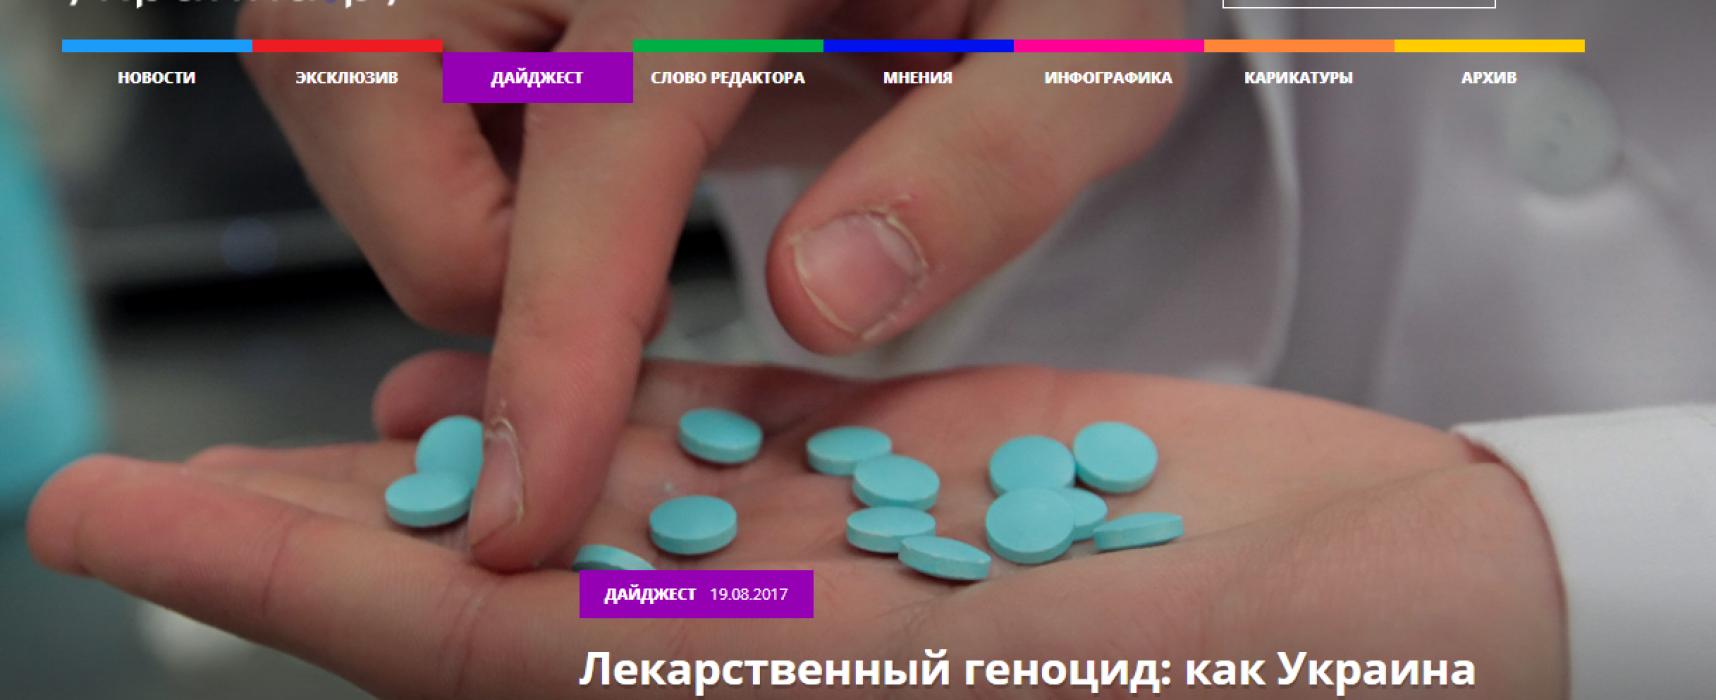 """Fake: Le autorità ucraine attuano un """"genocidio  medicinale"""" contro i loro cittadini"""